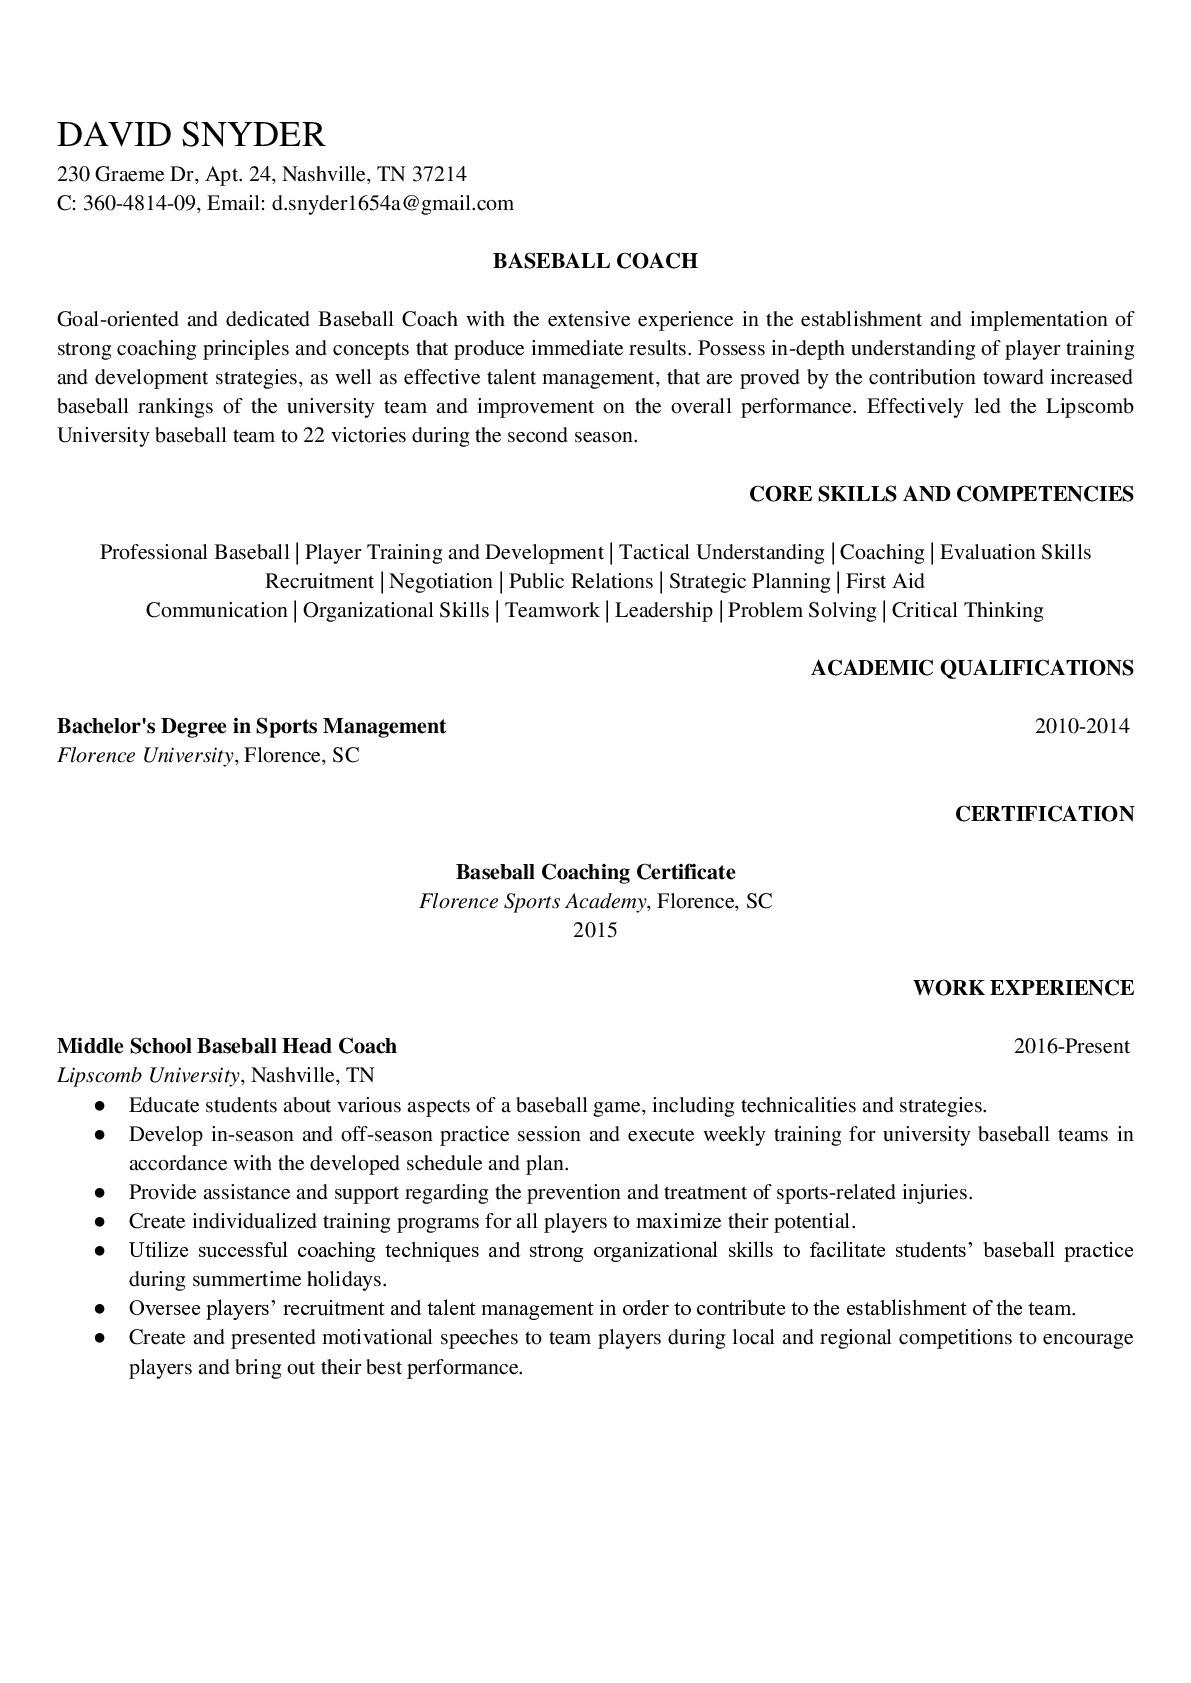 Resume for Baseball Coach